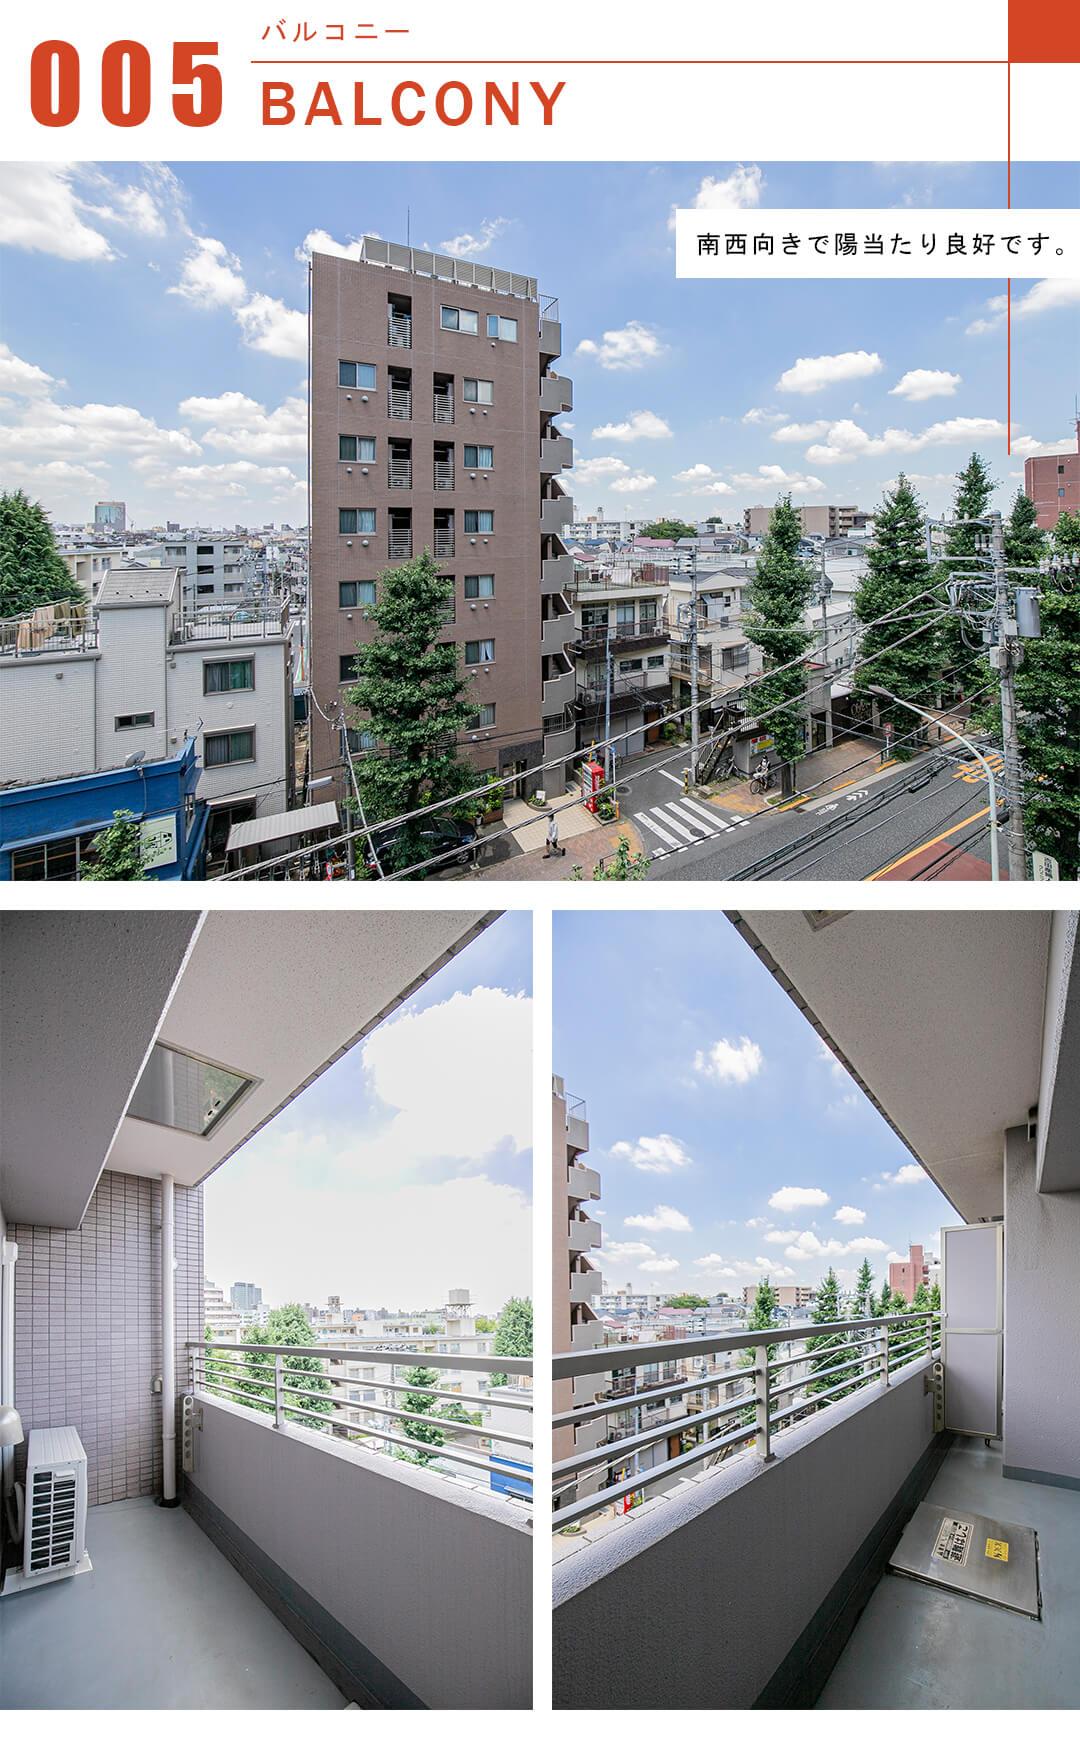 ガーデンホーム笹塚のバルコニー